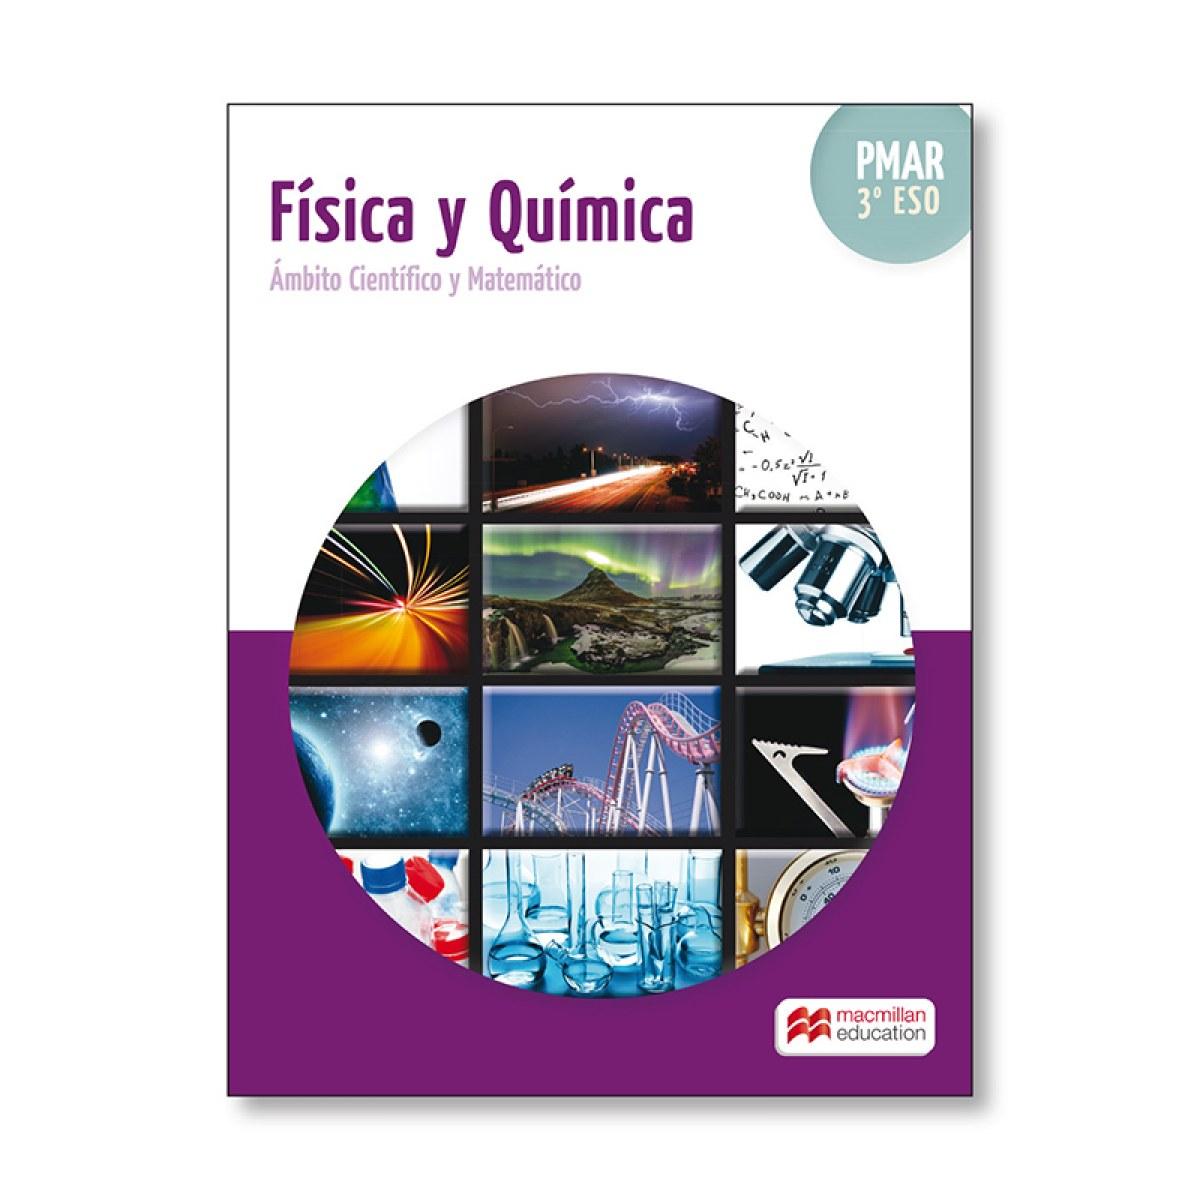 PMAR NIVEL II FISICA Y QUIMICA 3o.ESO 9788416983056